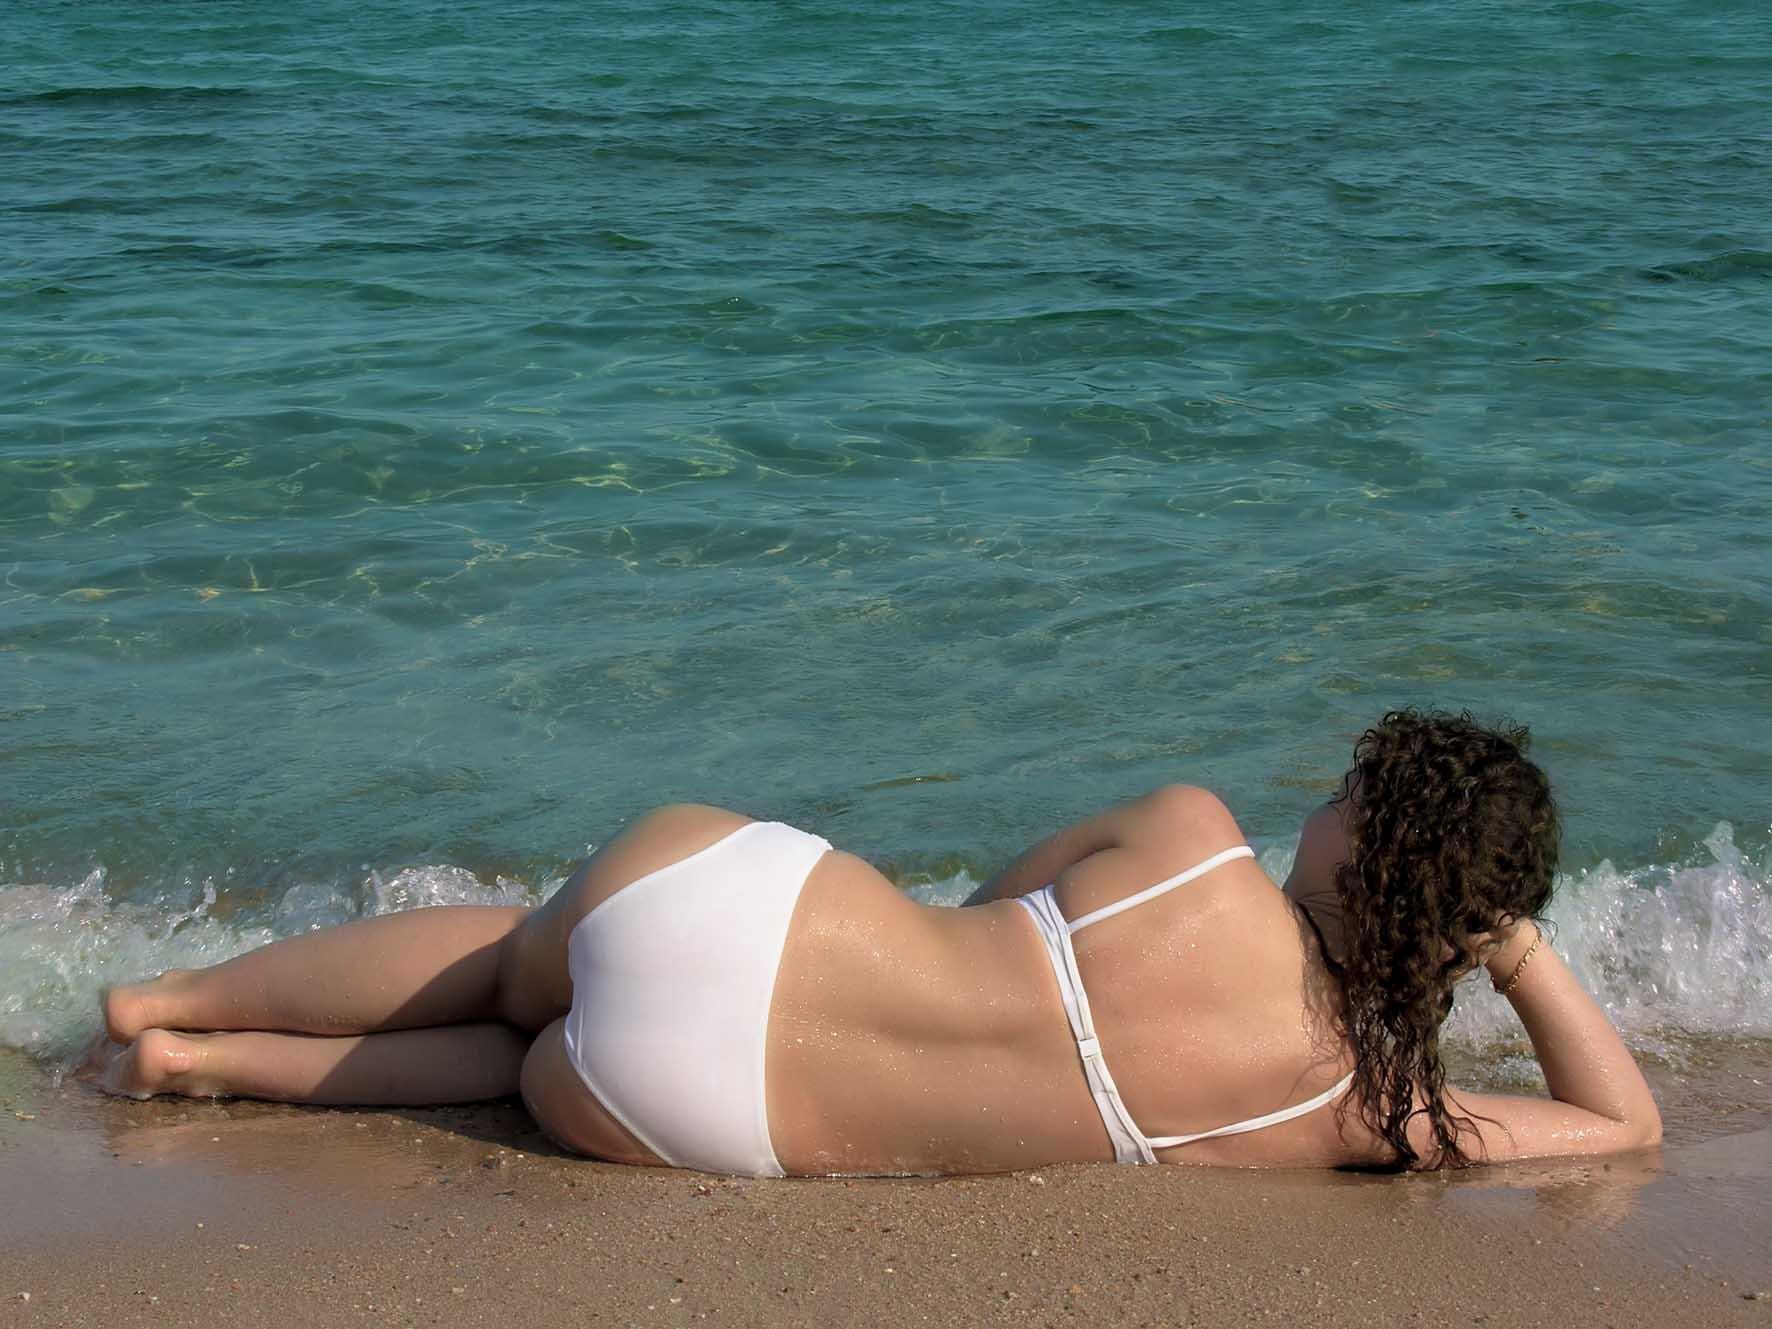 estate turistica ragazza mare al sole schiena foto by shutterstock 1